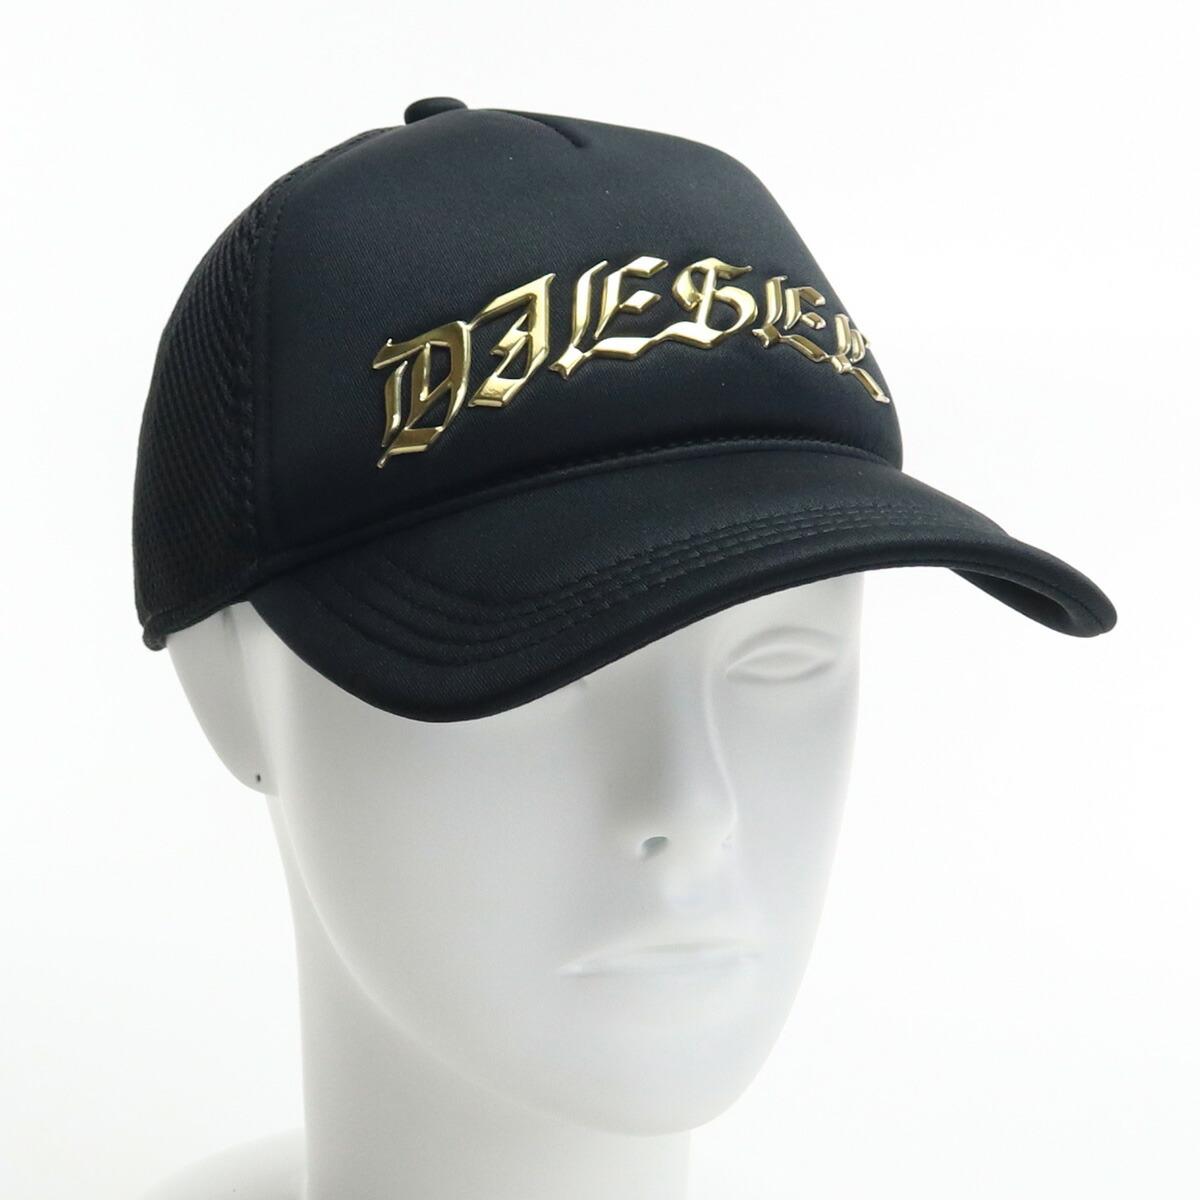 ディーゼル DIESEL メンズ-帽子類 キャップ A01943 0BCAP 900 ブラック bos-43 cap-01 メンズ